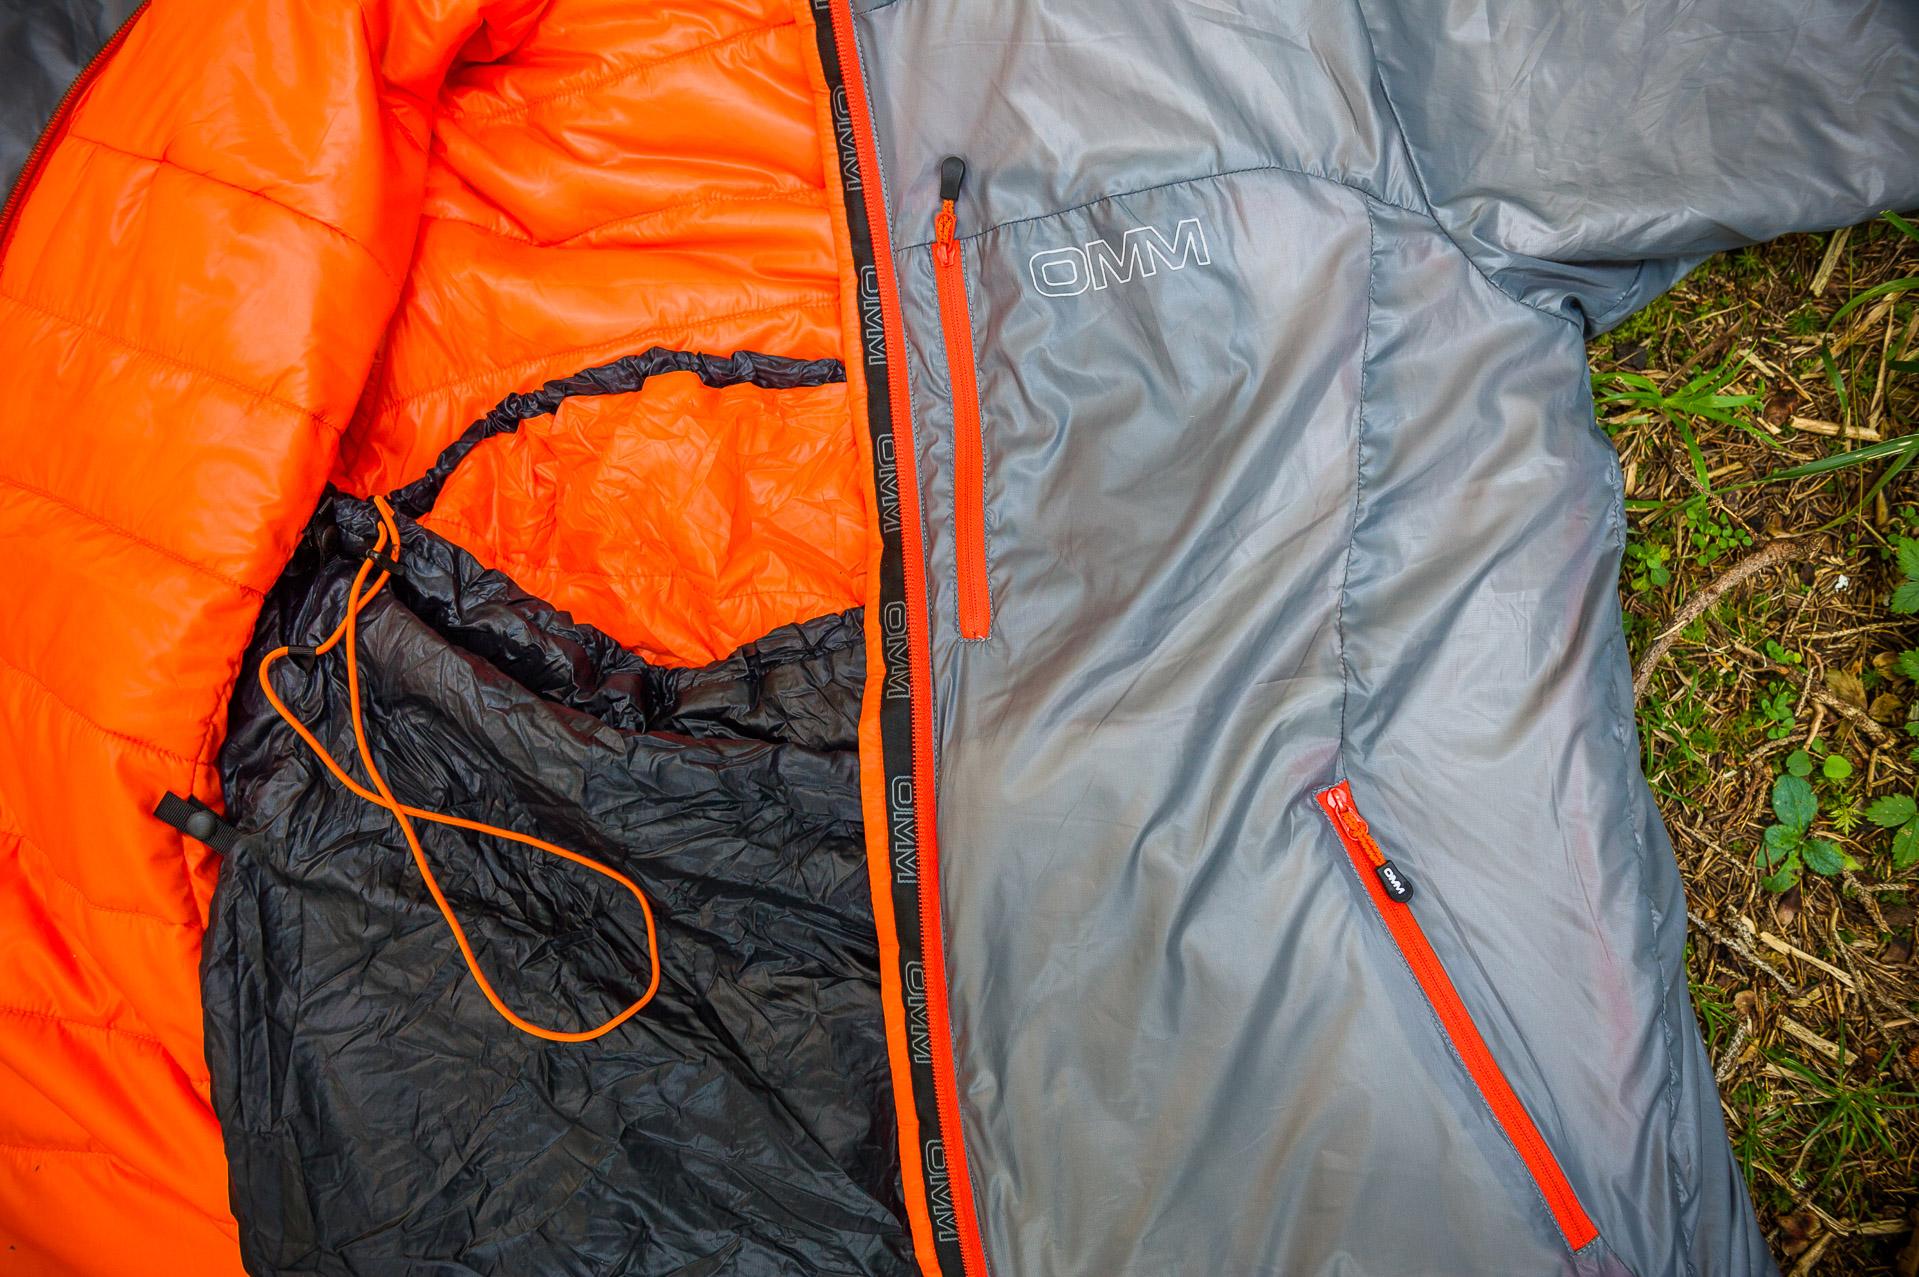 OMM Mountain Raid PA 1.0 Jacke und Schlafsack